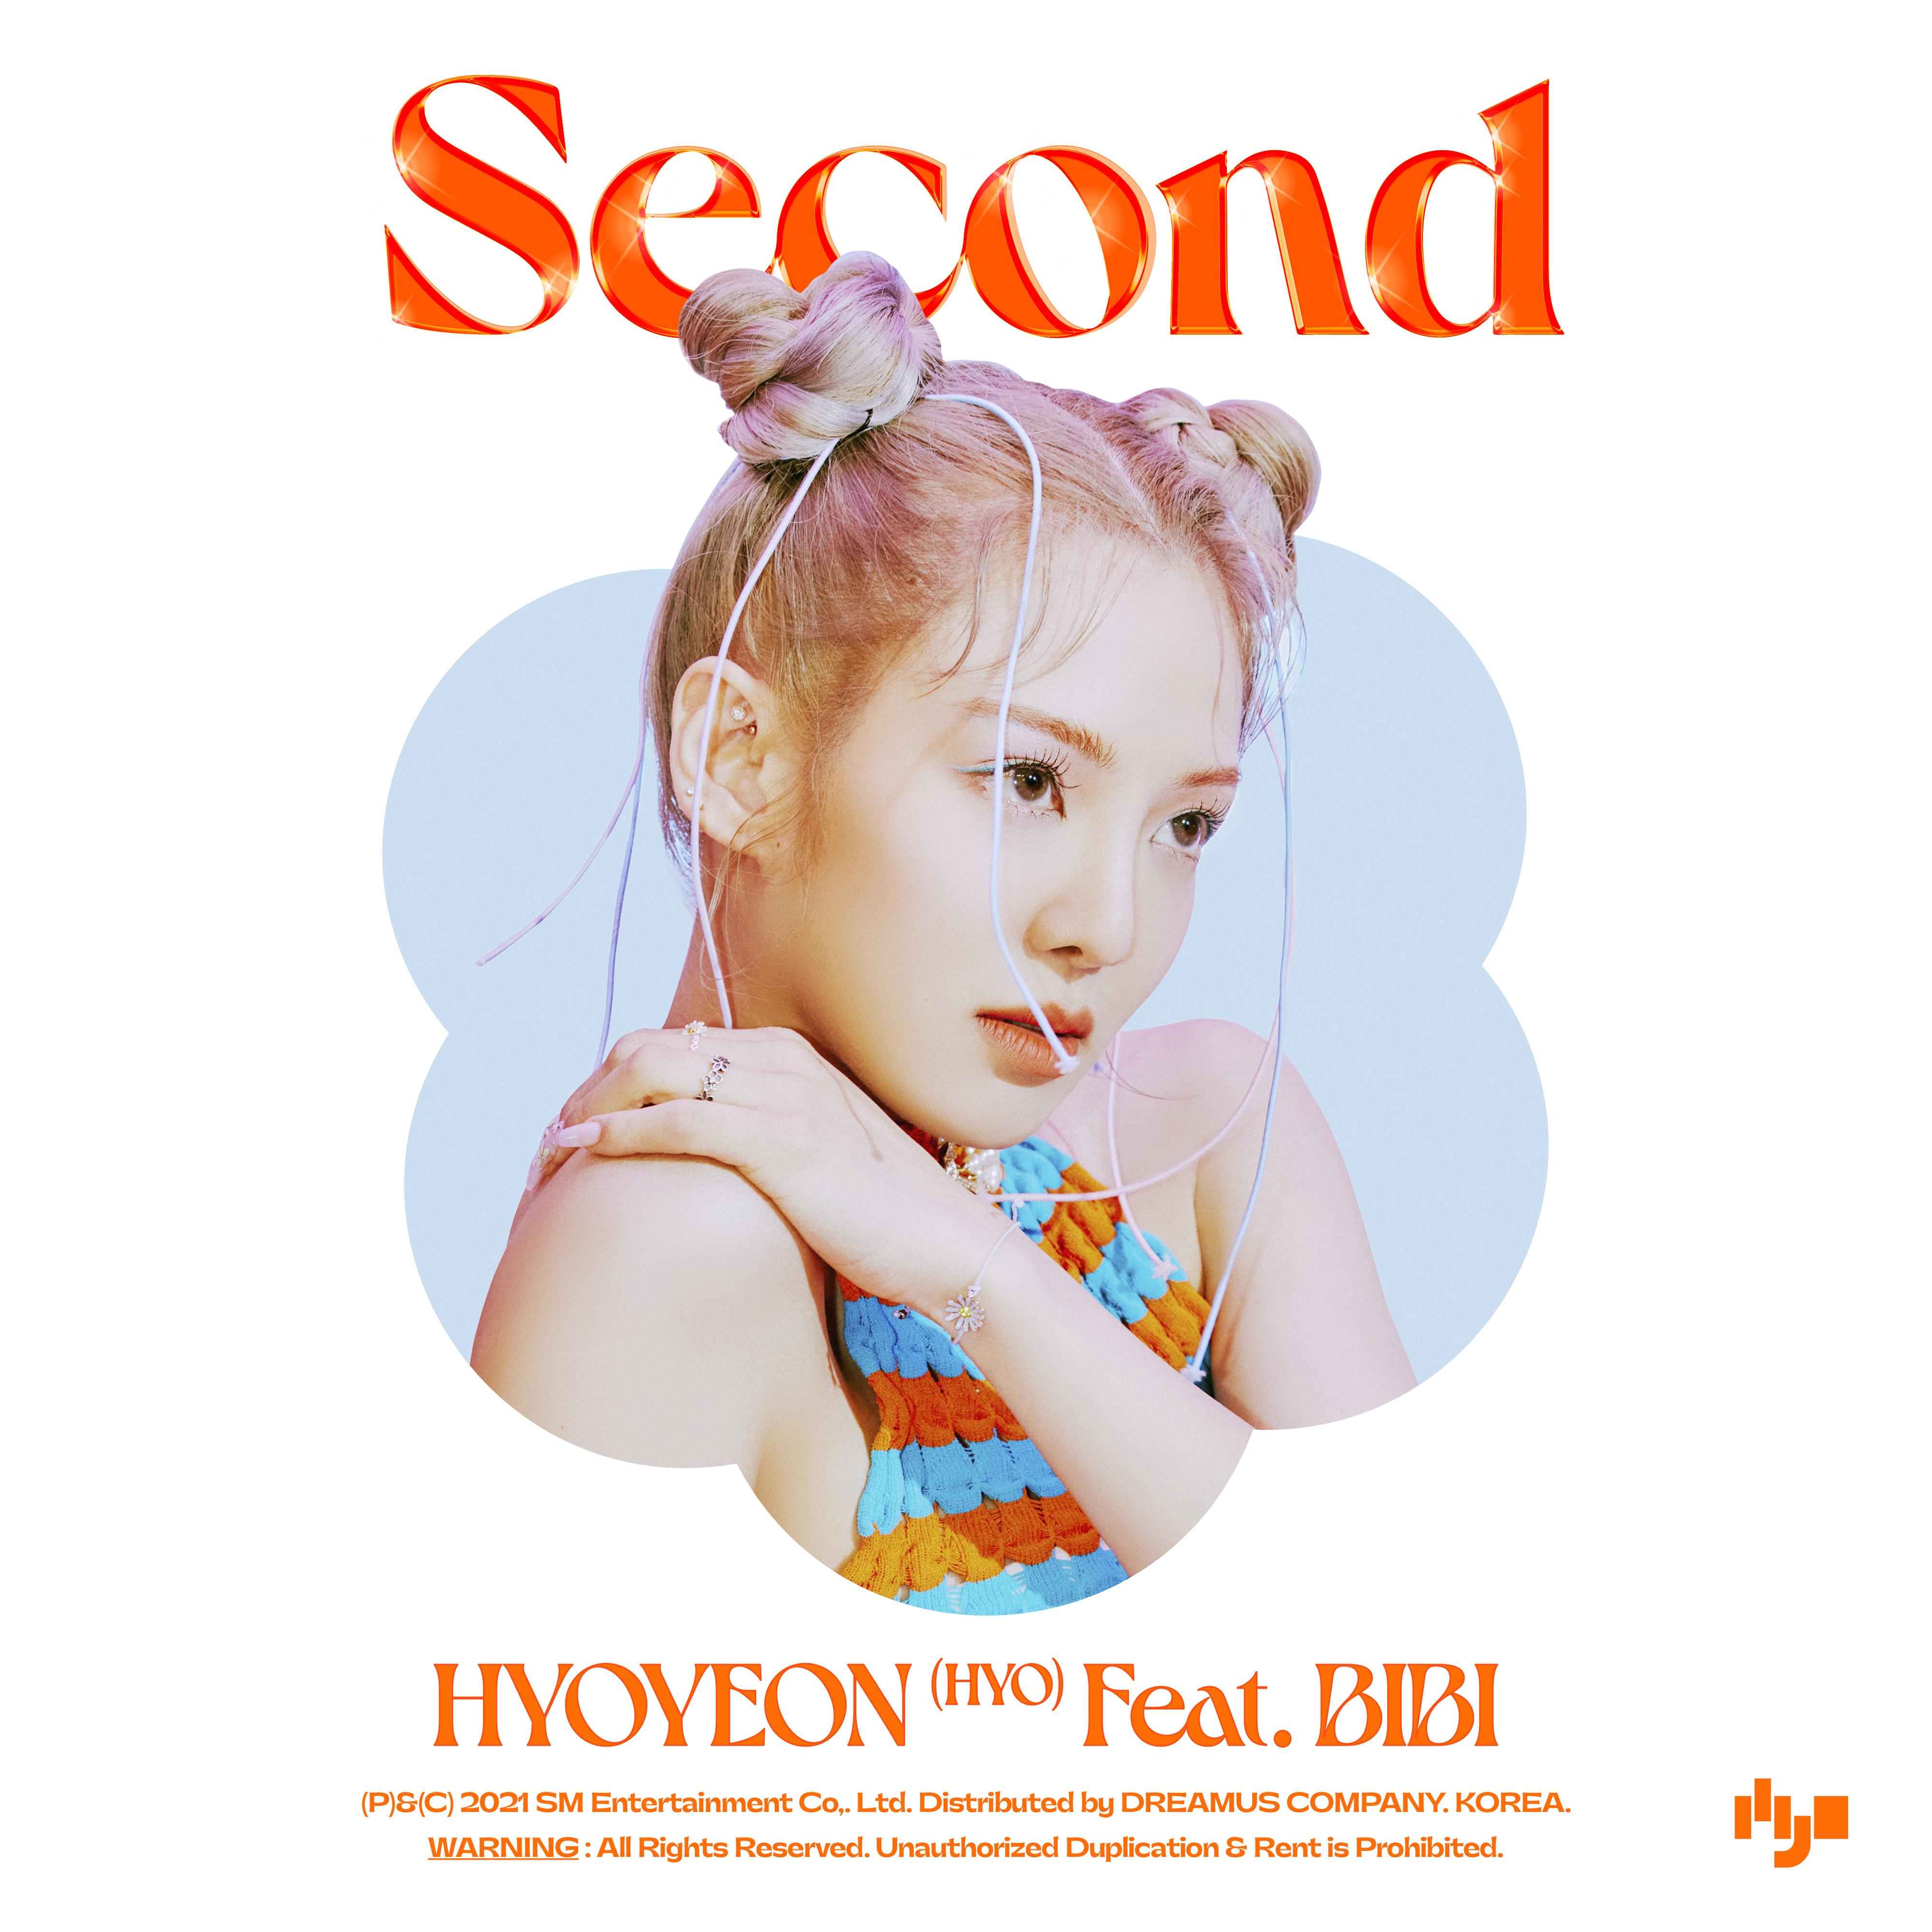 [影音] HYO - Second (feat.BIBI) MV